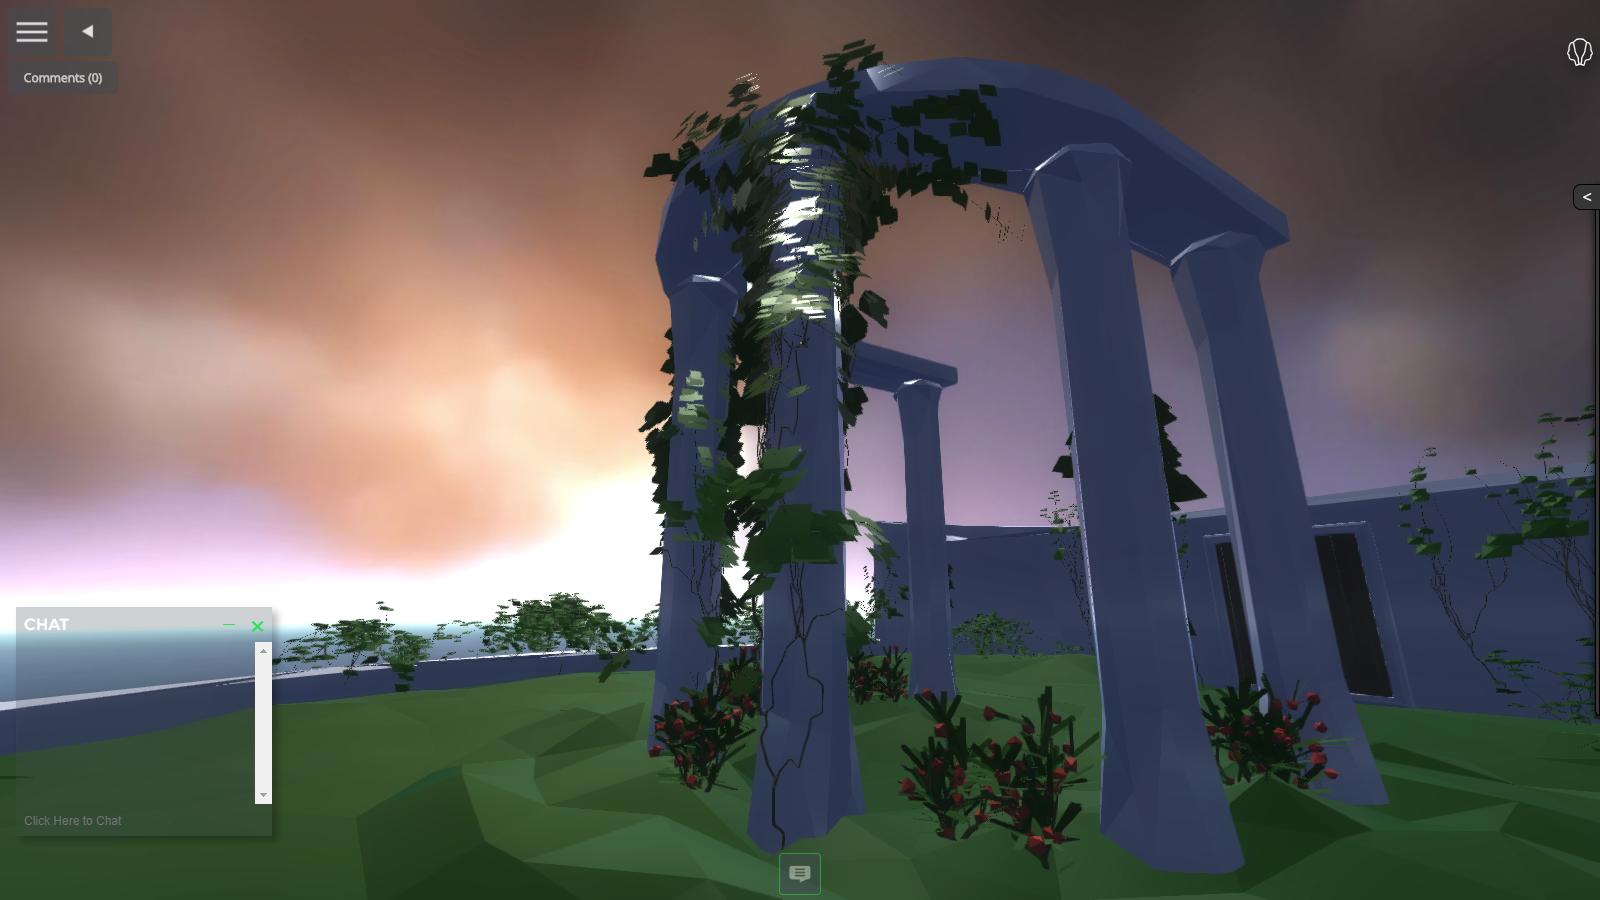 Sky garden in JanusWeb